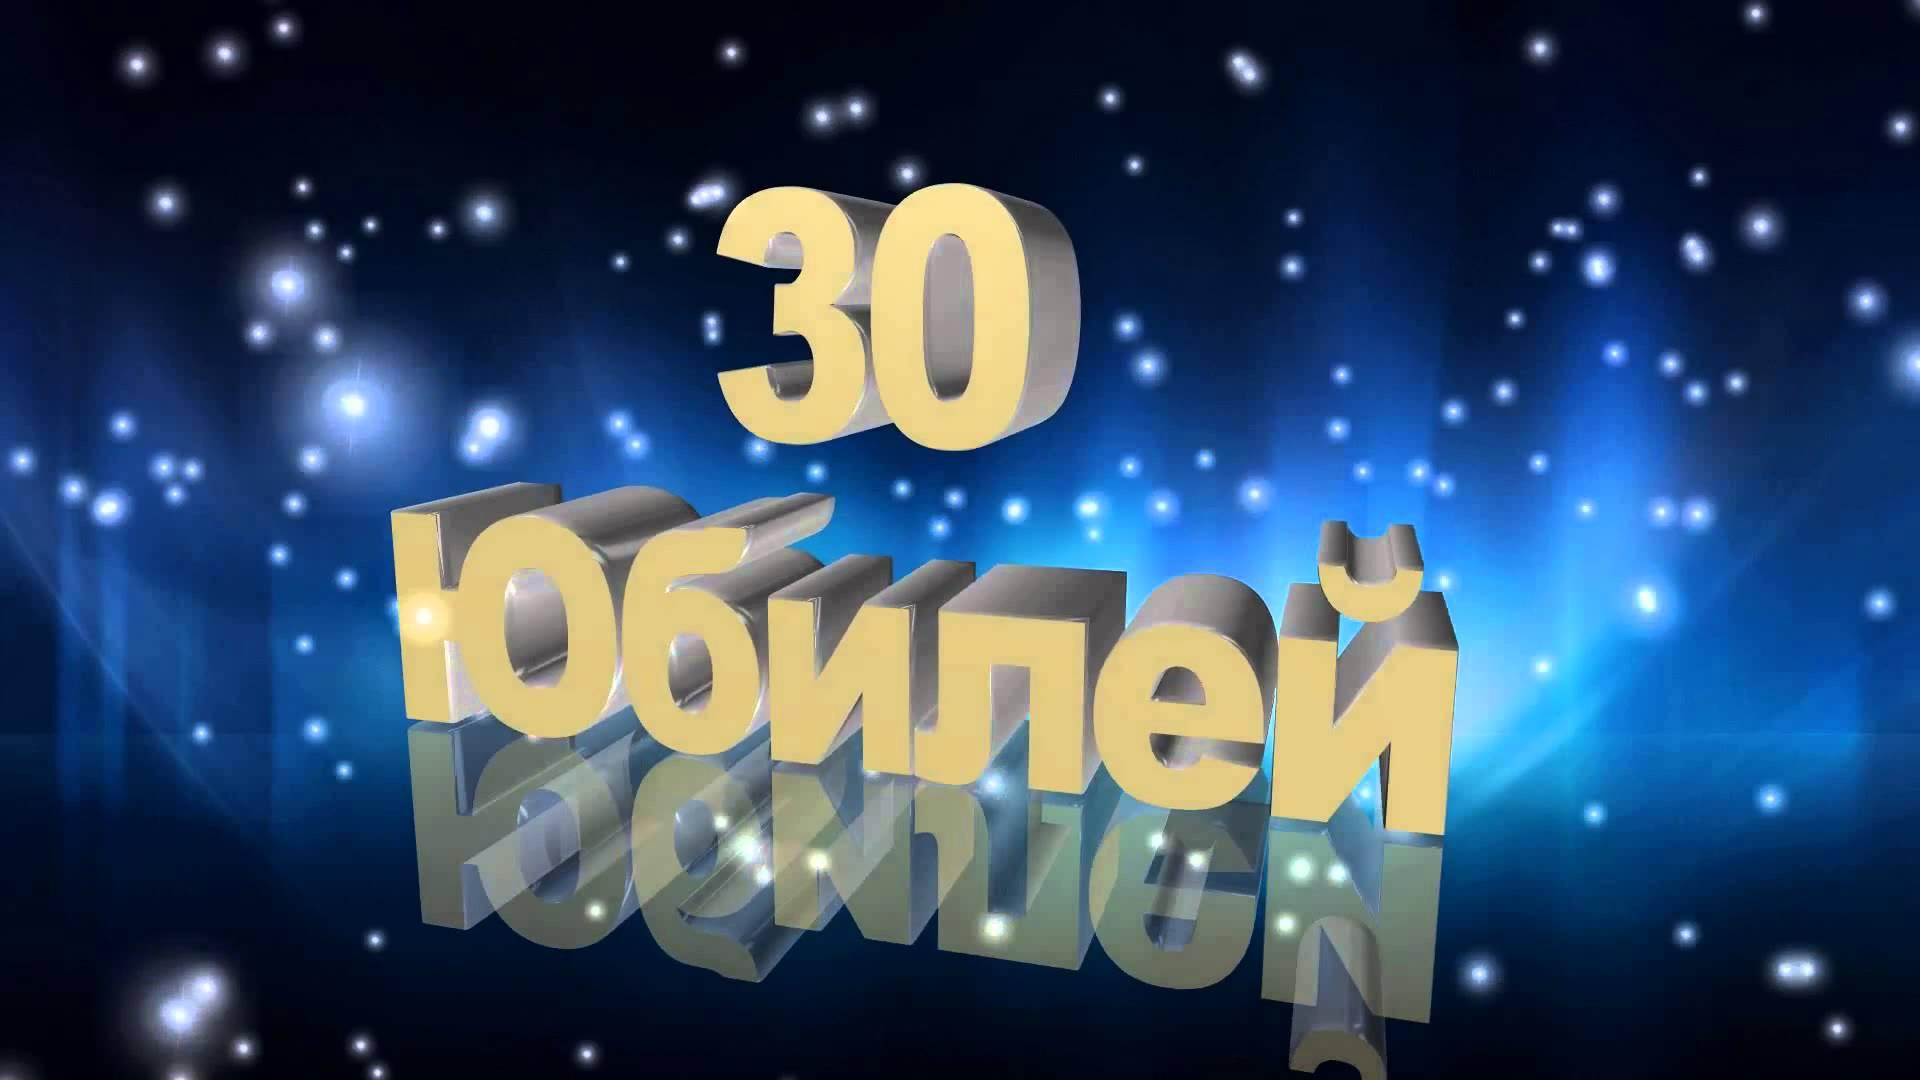 Поздравление открытку, видео открытки с 30 летием